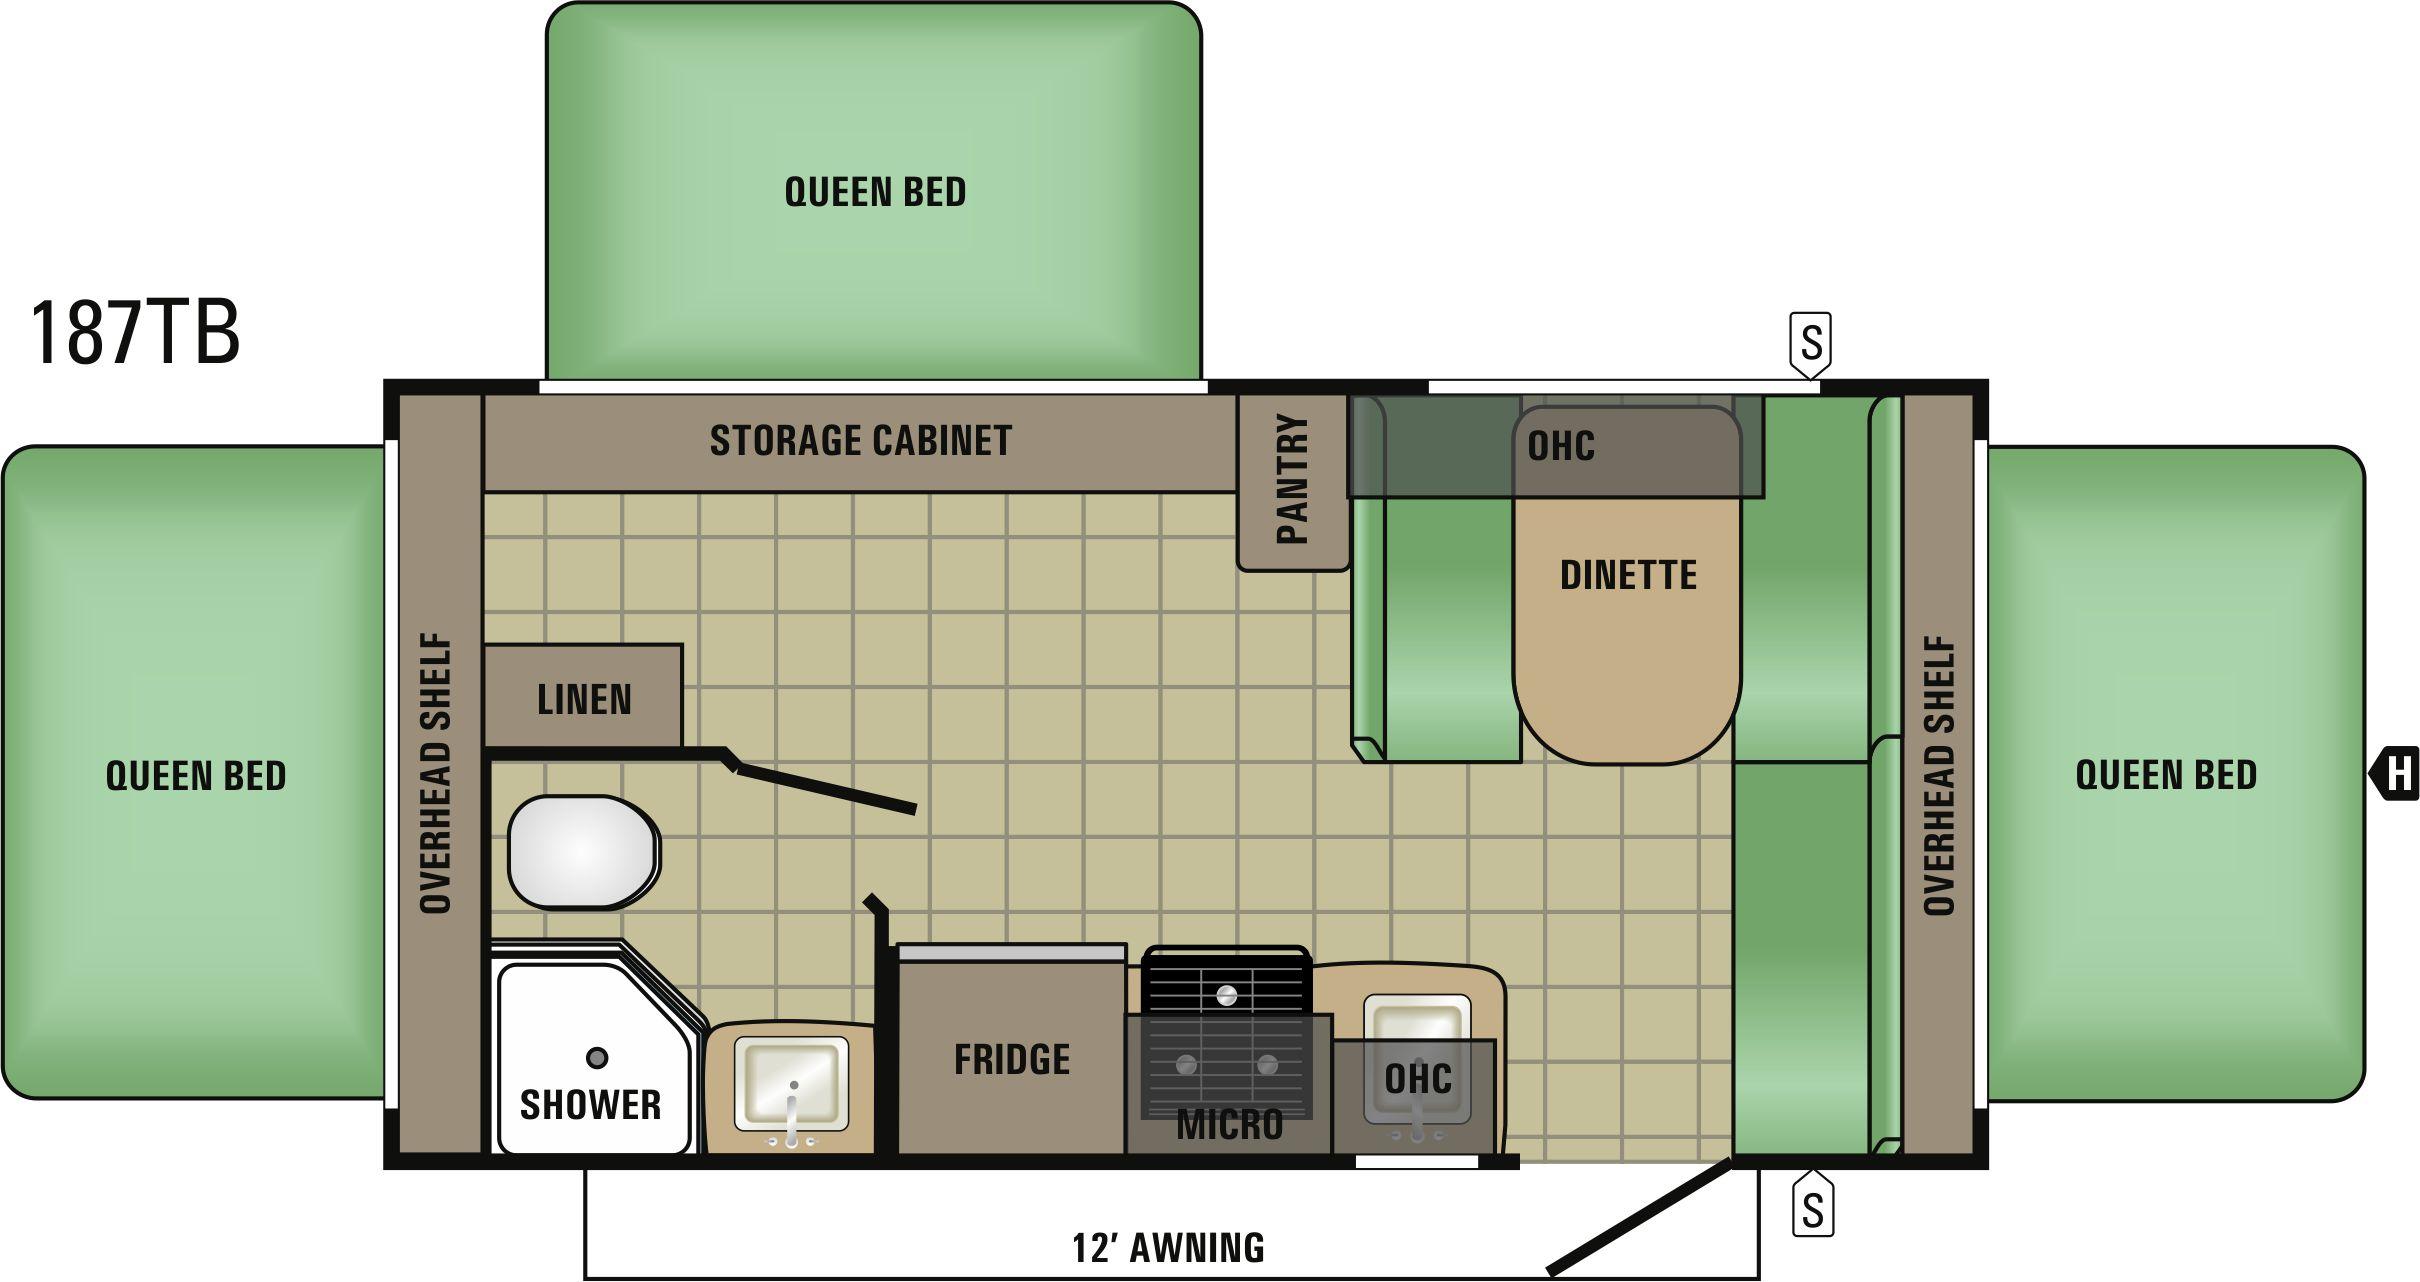 187TB Floorplan